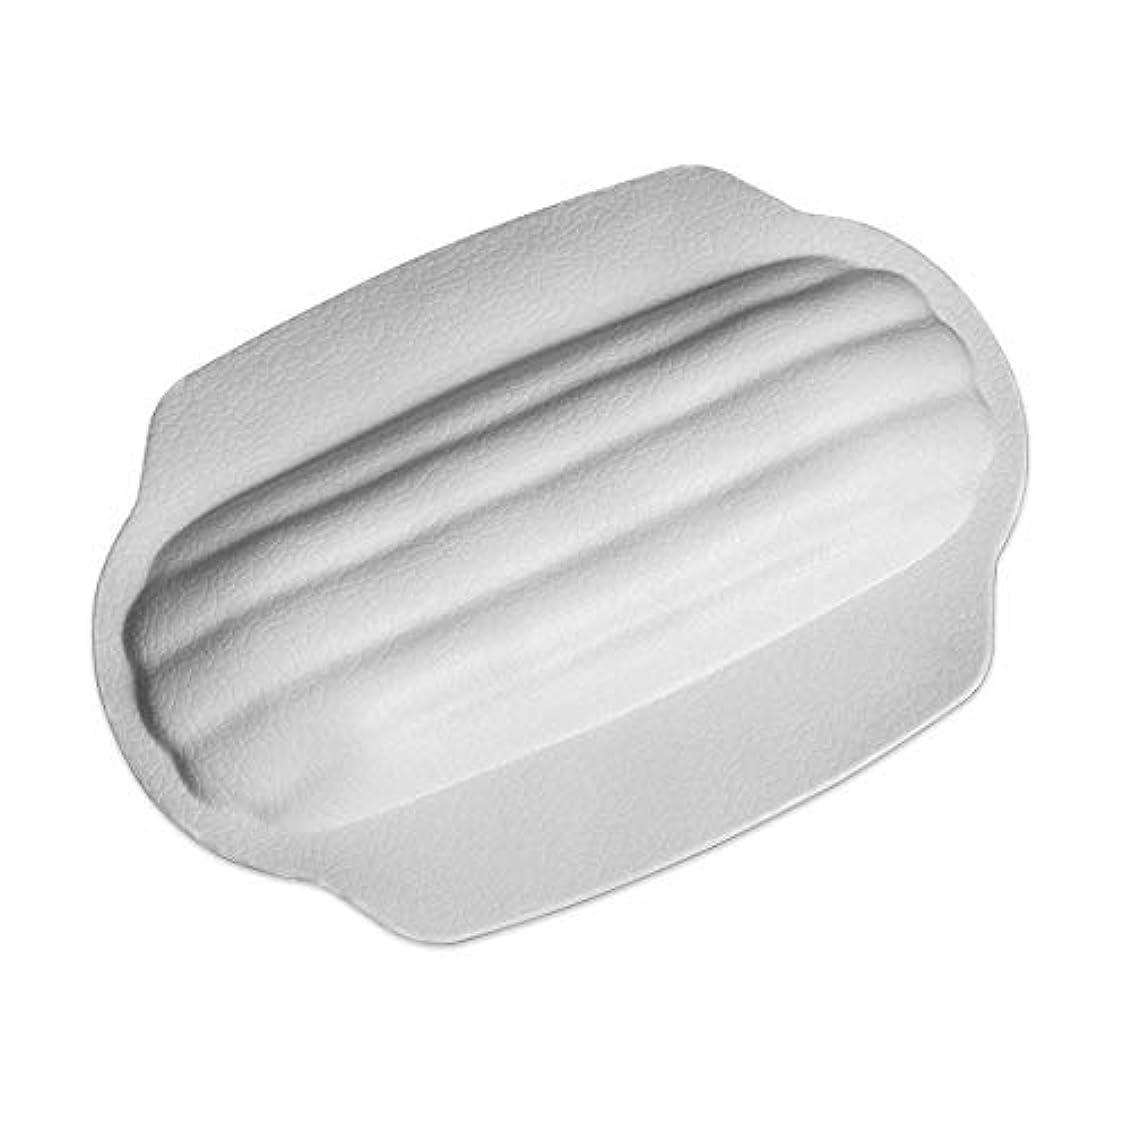 ハムタンカーモートサクションカップ付き防水滑り止めスパ枕厚めユニバーサルバスタブ枕バスタブと抗菌性